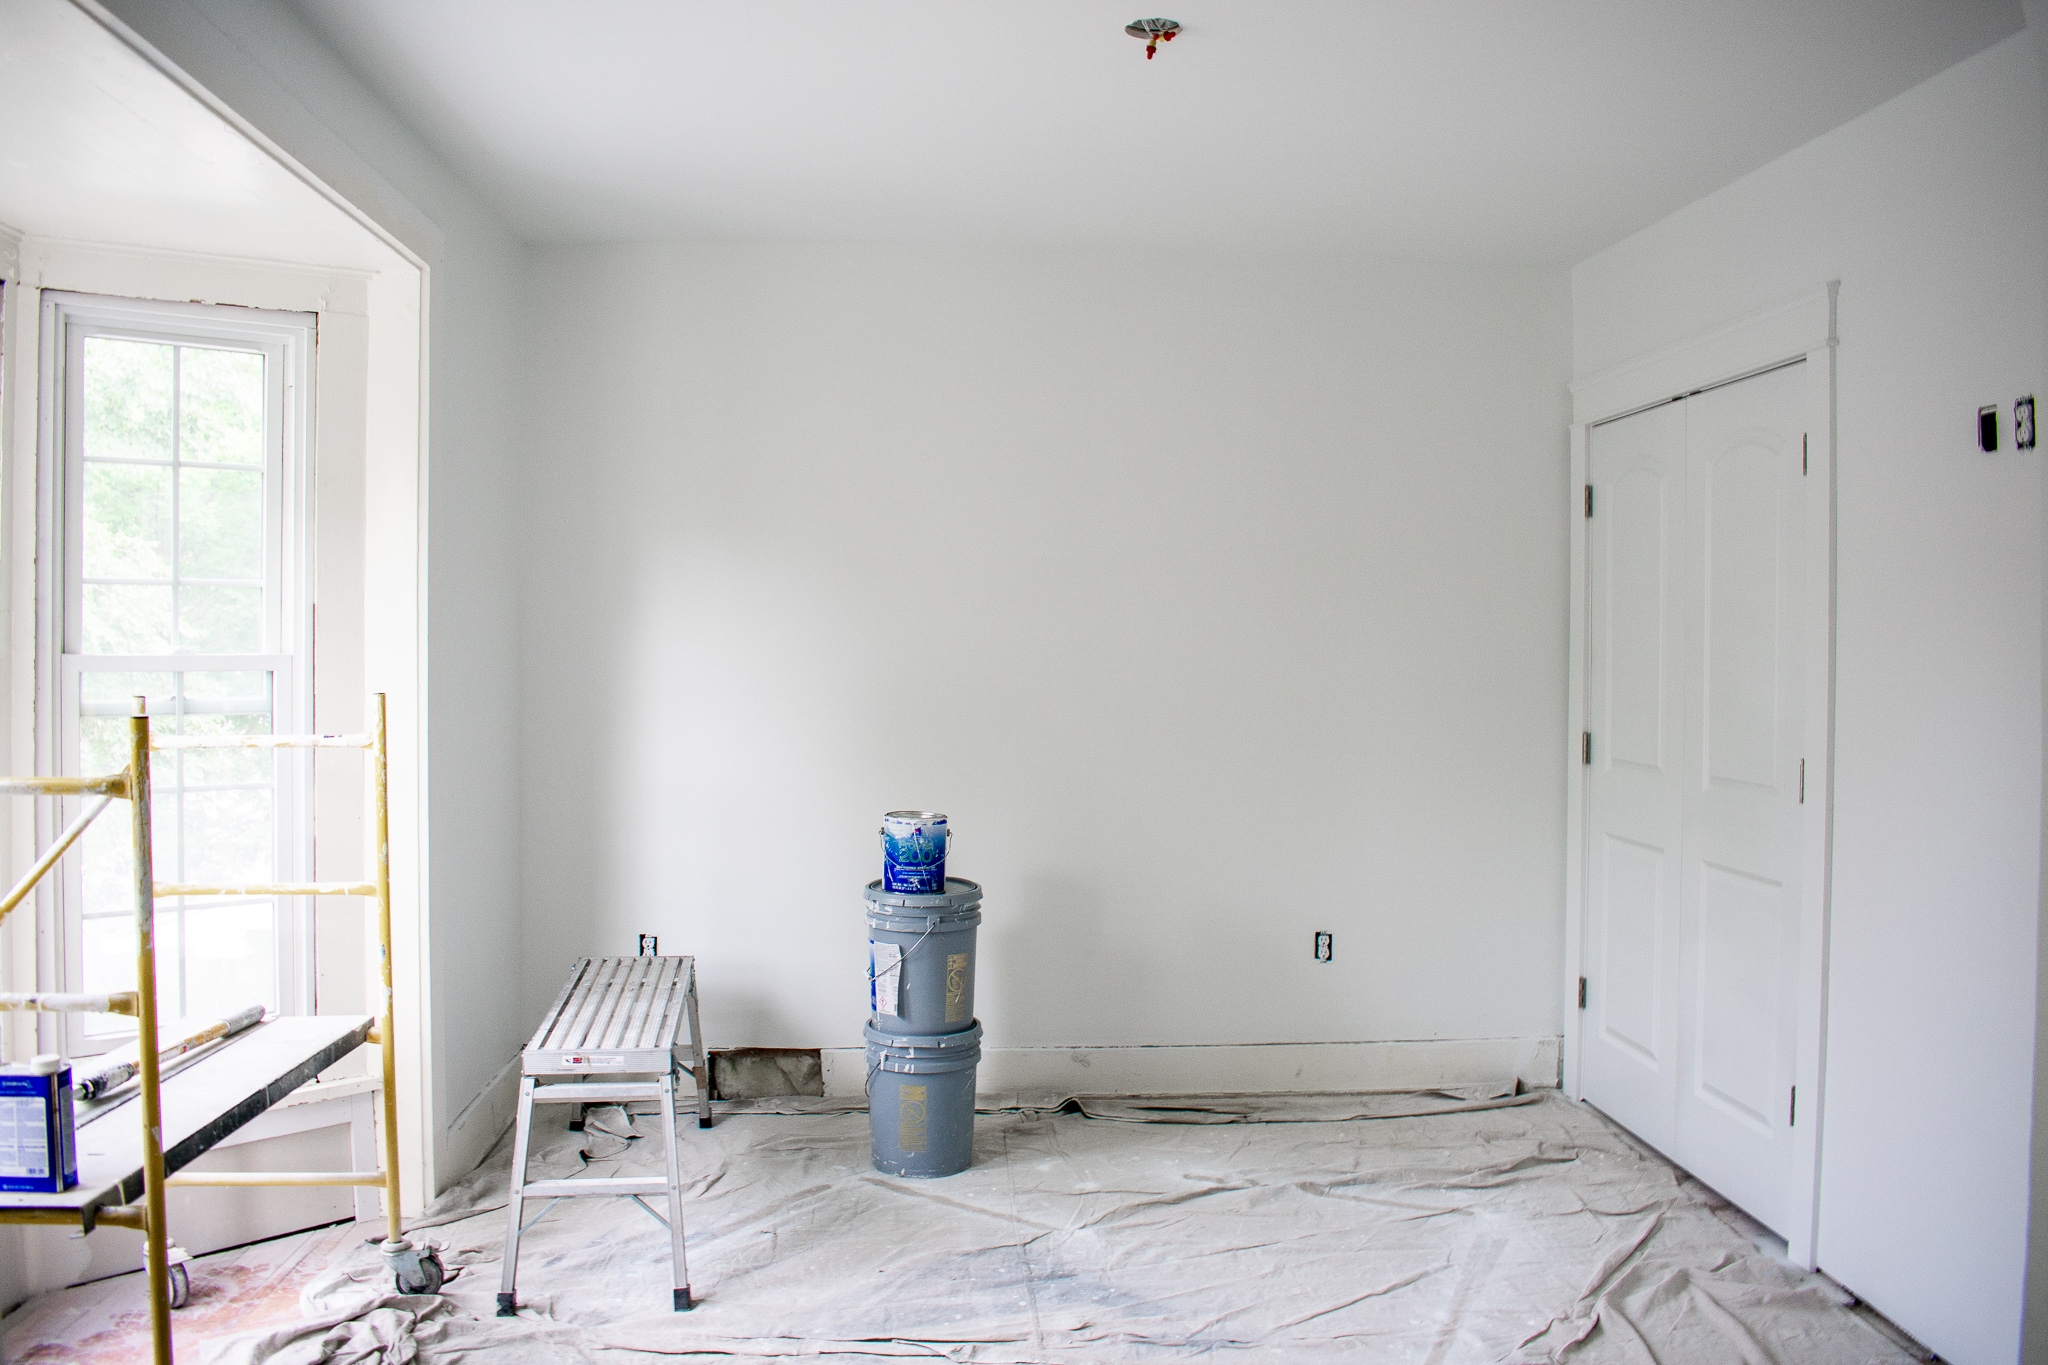 20 Week Home Renovation Update